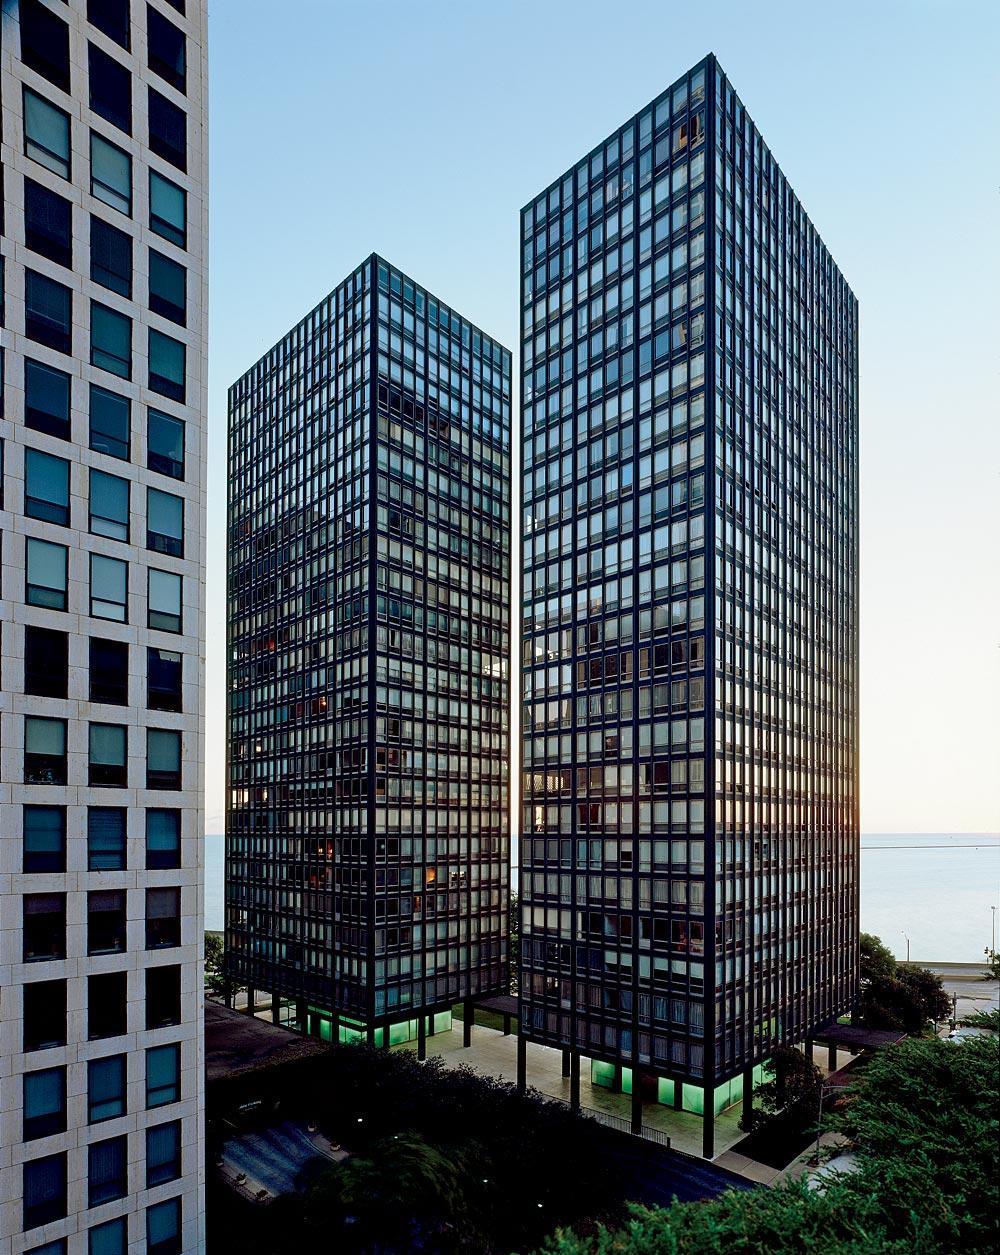 Résidences Mies sur Lake Shore Drive à Chicago, image ©Chicago Mag